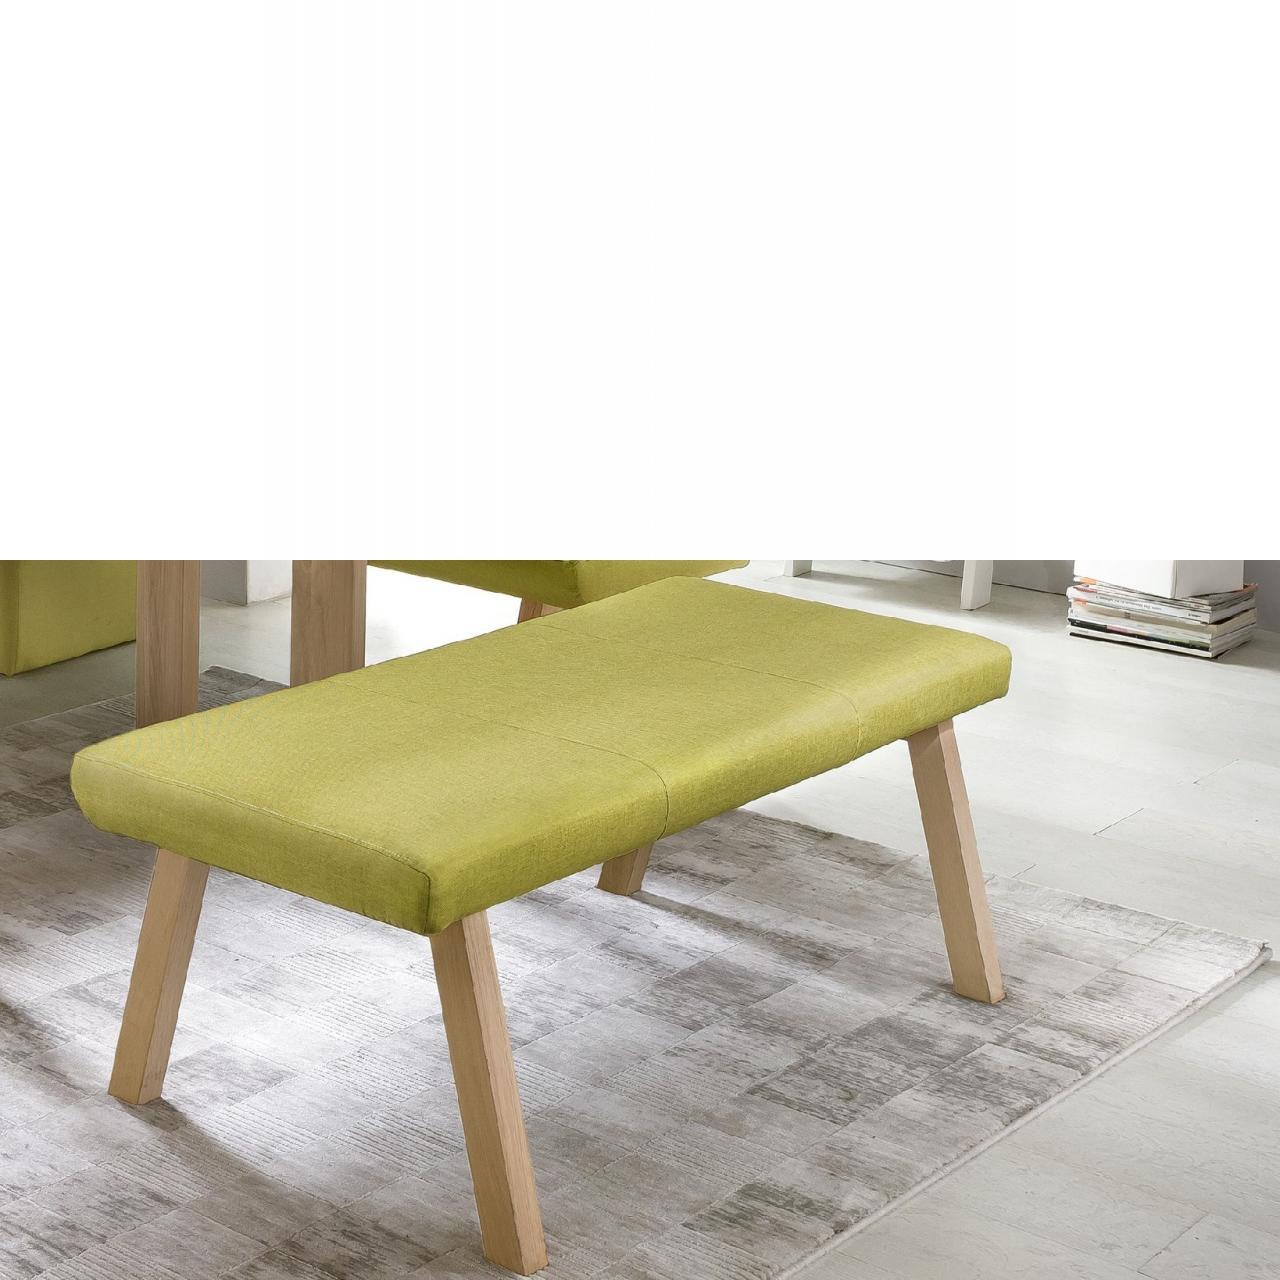 sitzb nke online kaufen m bel j hnichen center gmbh m bel j hnichen center gmbh. Black Bedroom Furniture Sets. Home Design Ideas